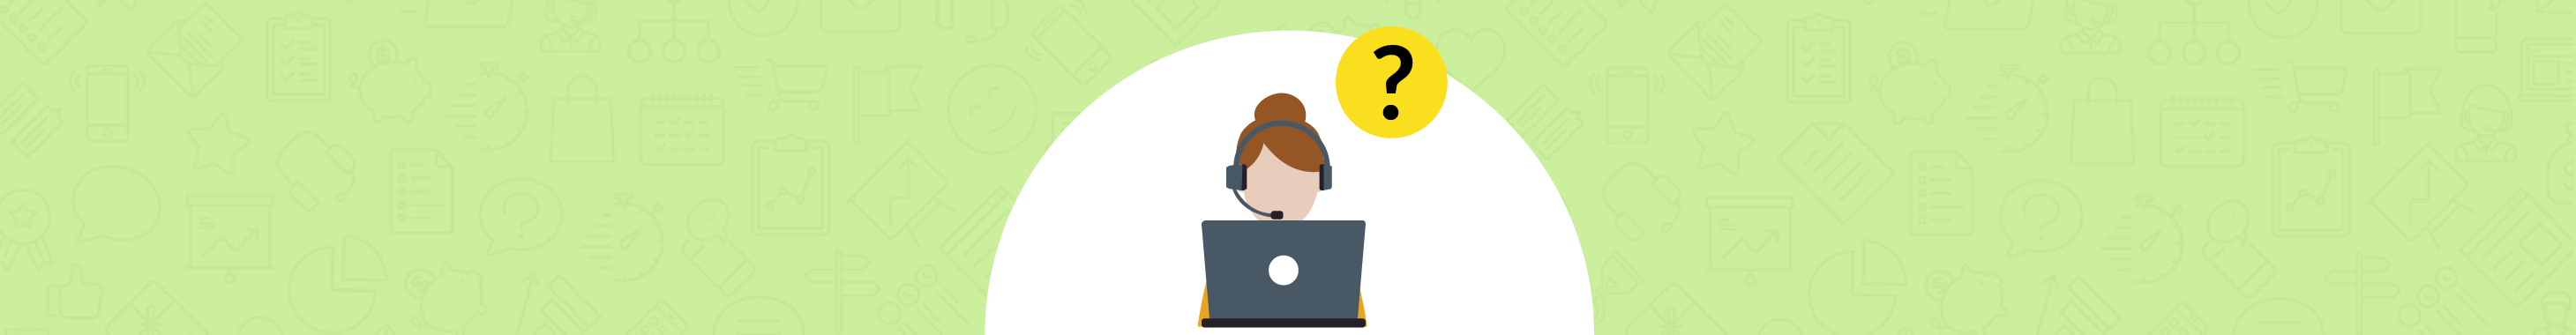 O que é atendimento ao cliente e como melhorá-lo?